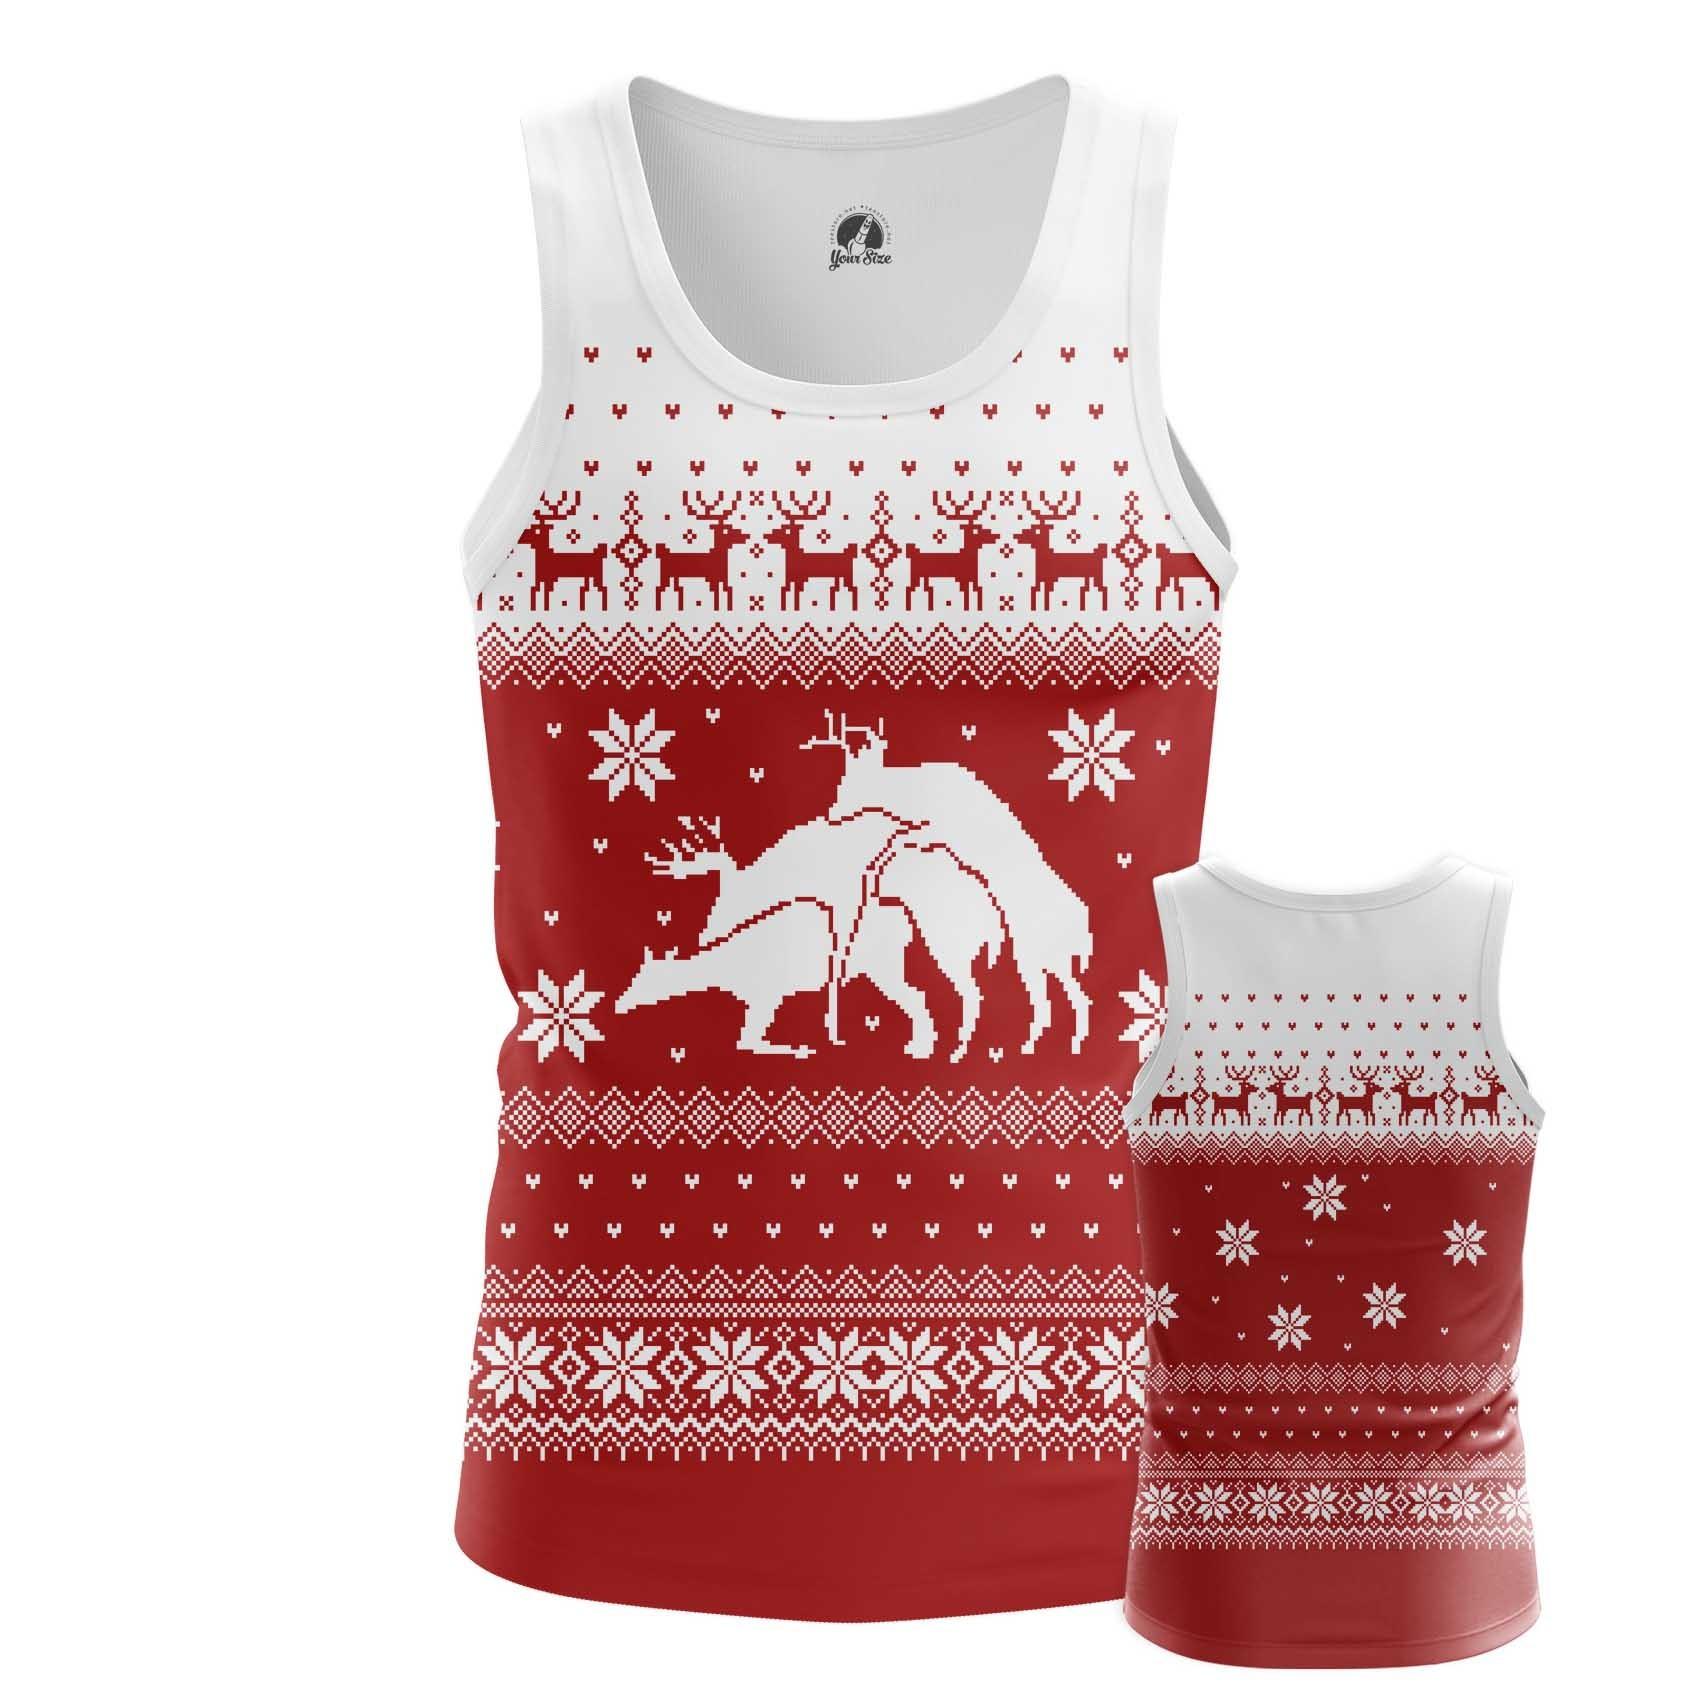 Merchandise Long Sleeve Deers Christmas Sweater Santa Fun Art